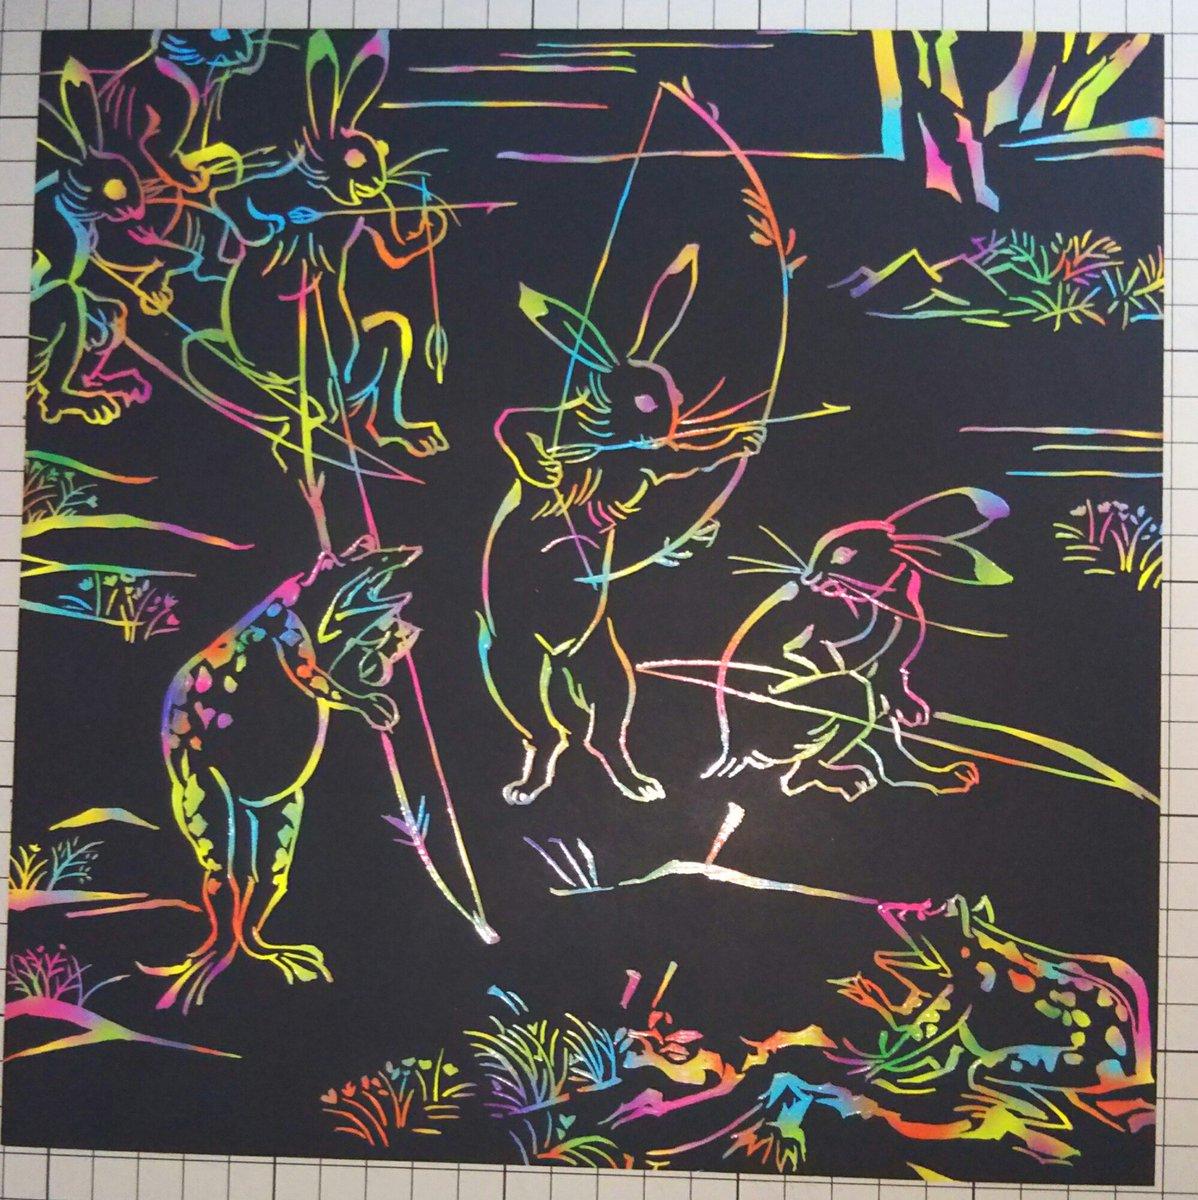 シォリ Sur Twitter レインボーでカラフルな鳥獣戯画も可愛いですね スクラッチアートは4枚目かな だいぶん慣れてきた気がします V スクラッチアート 鳥獣戯画 レインボー